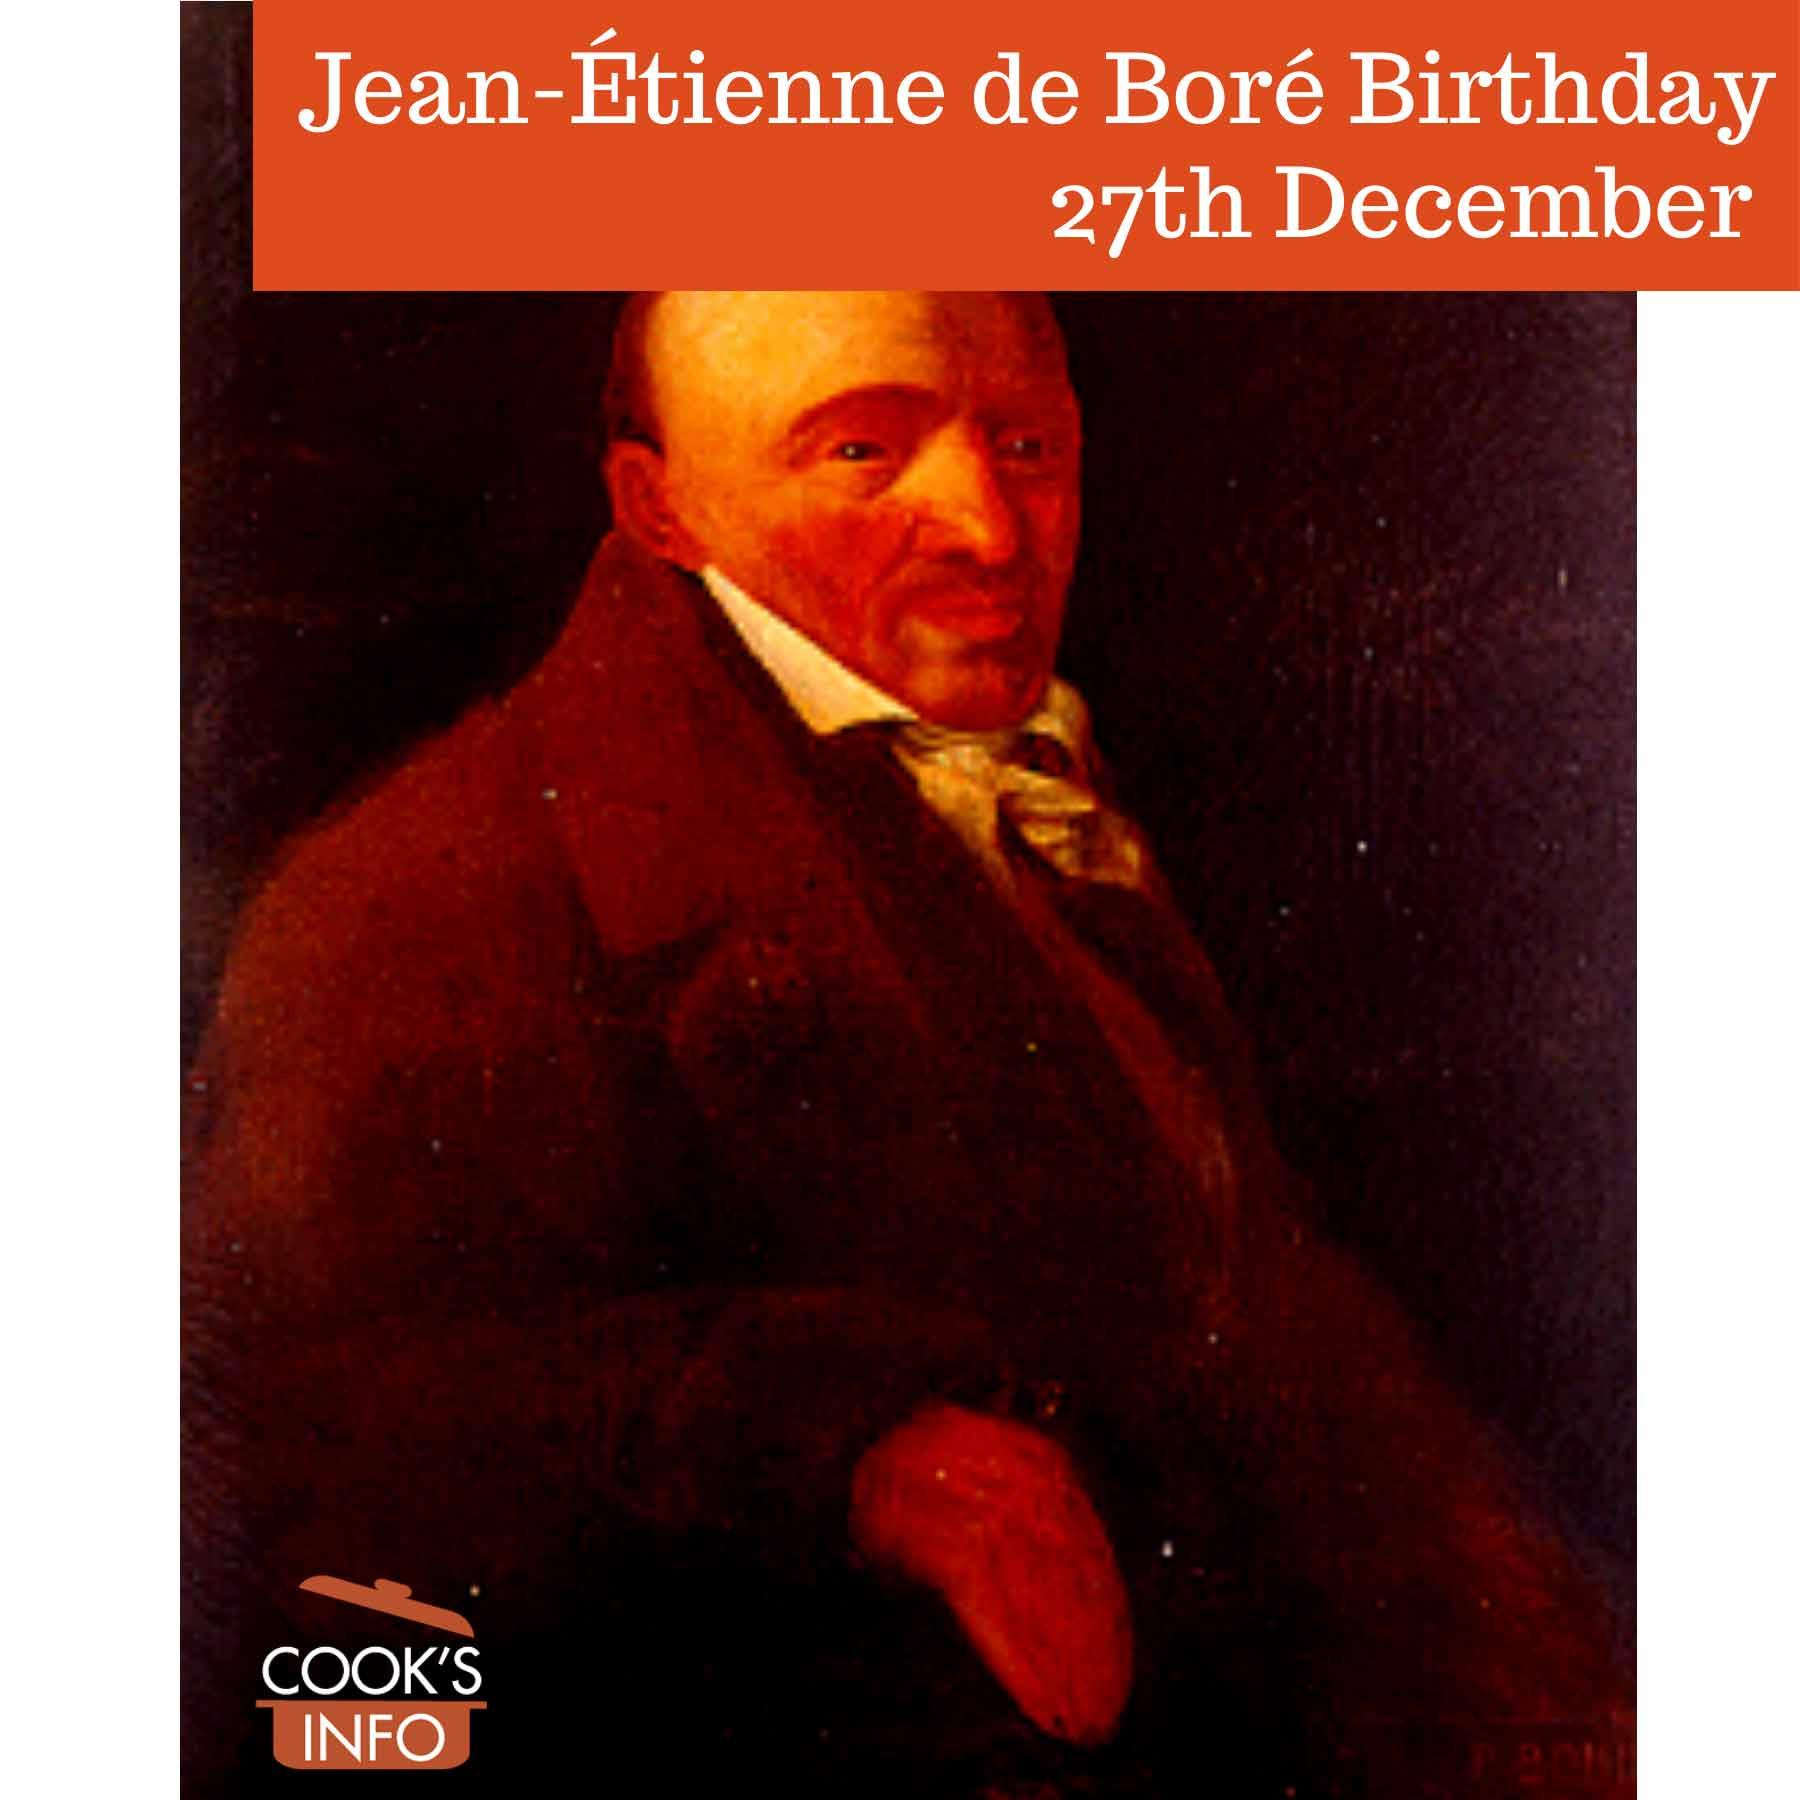 Jean-Étienne de Boré